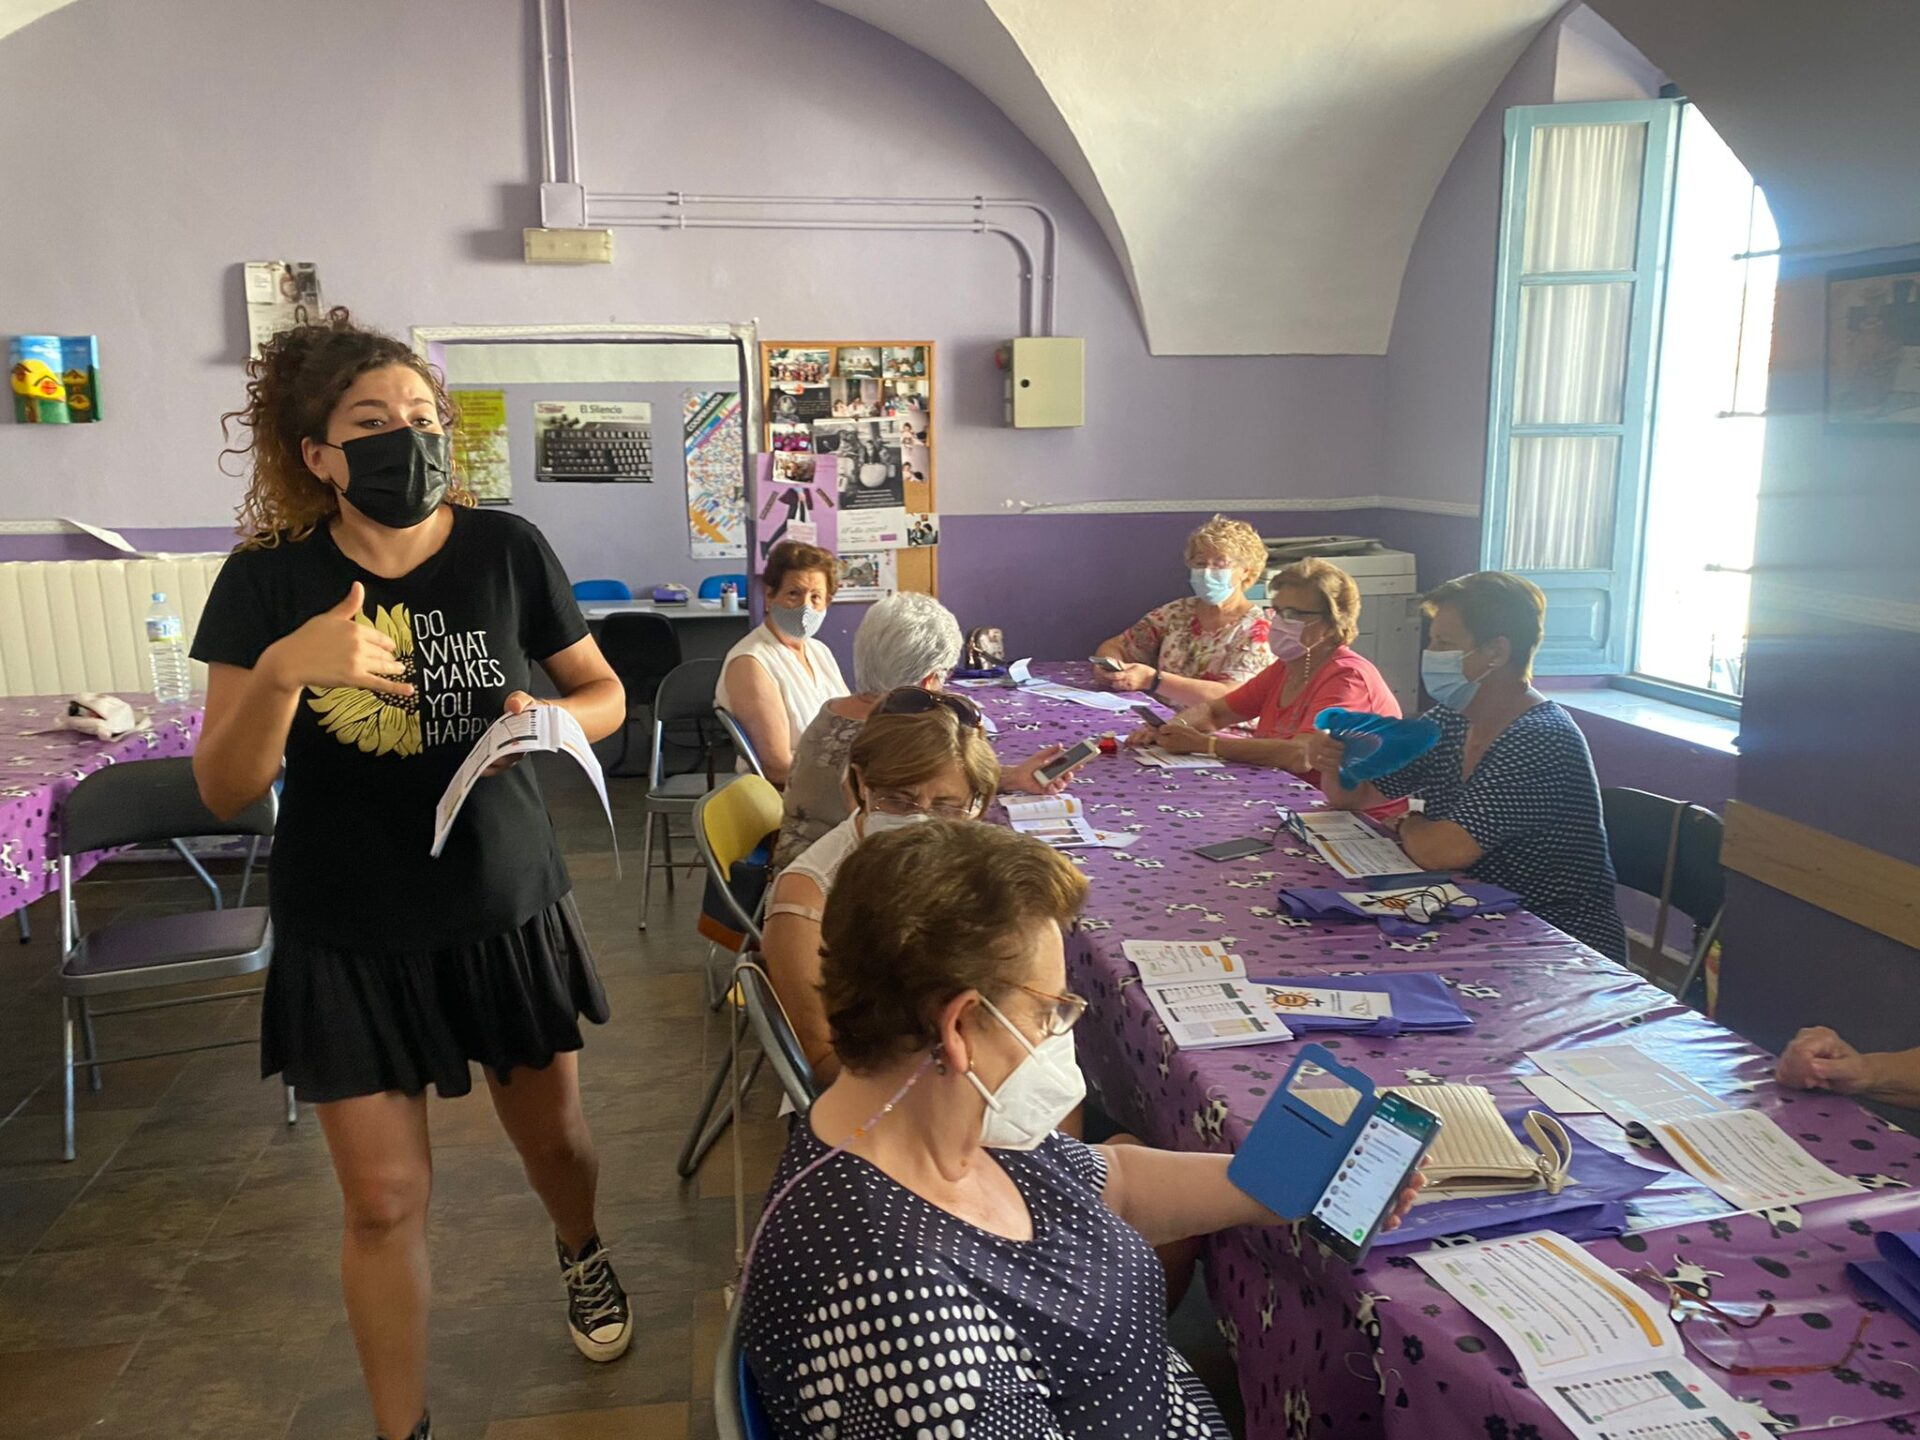 La Oficina de Igualdad lleva a cabo talleres de alfabetización tecnológica en Jerez de los Caballeros